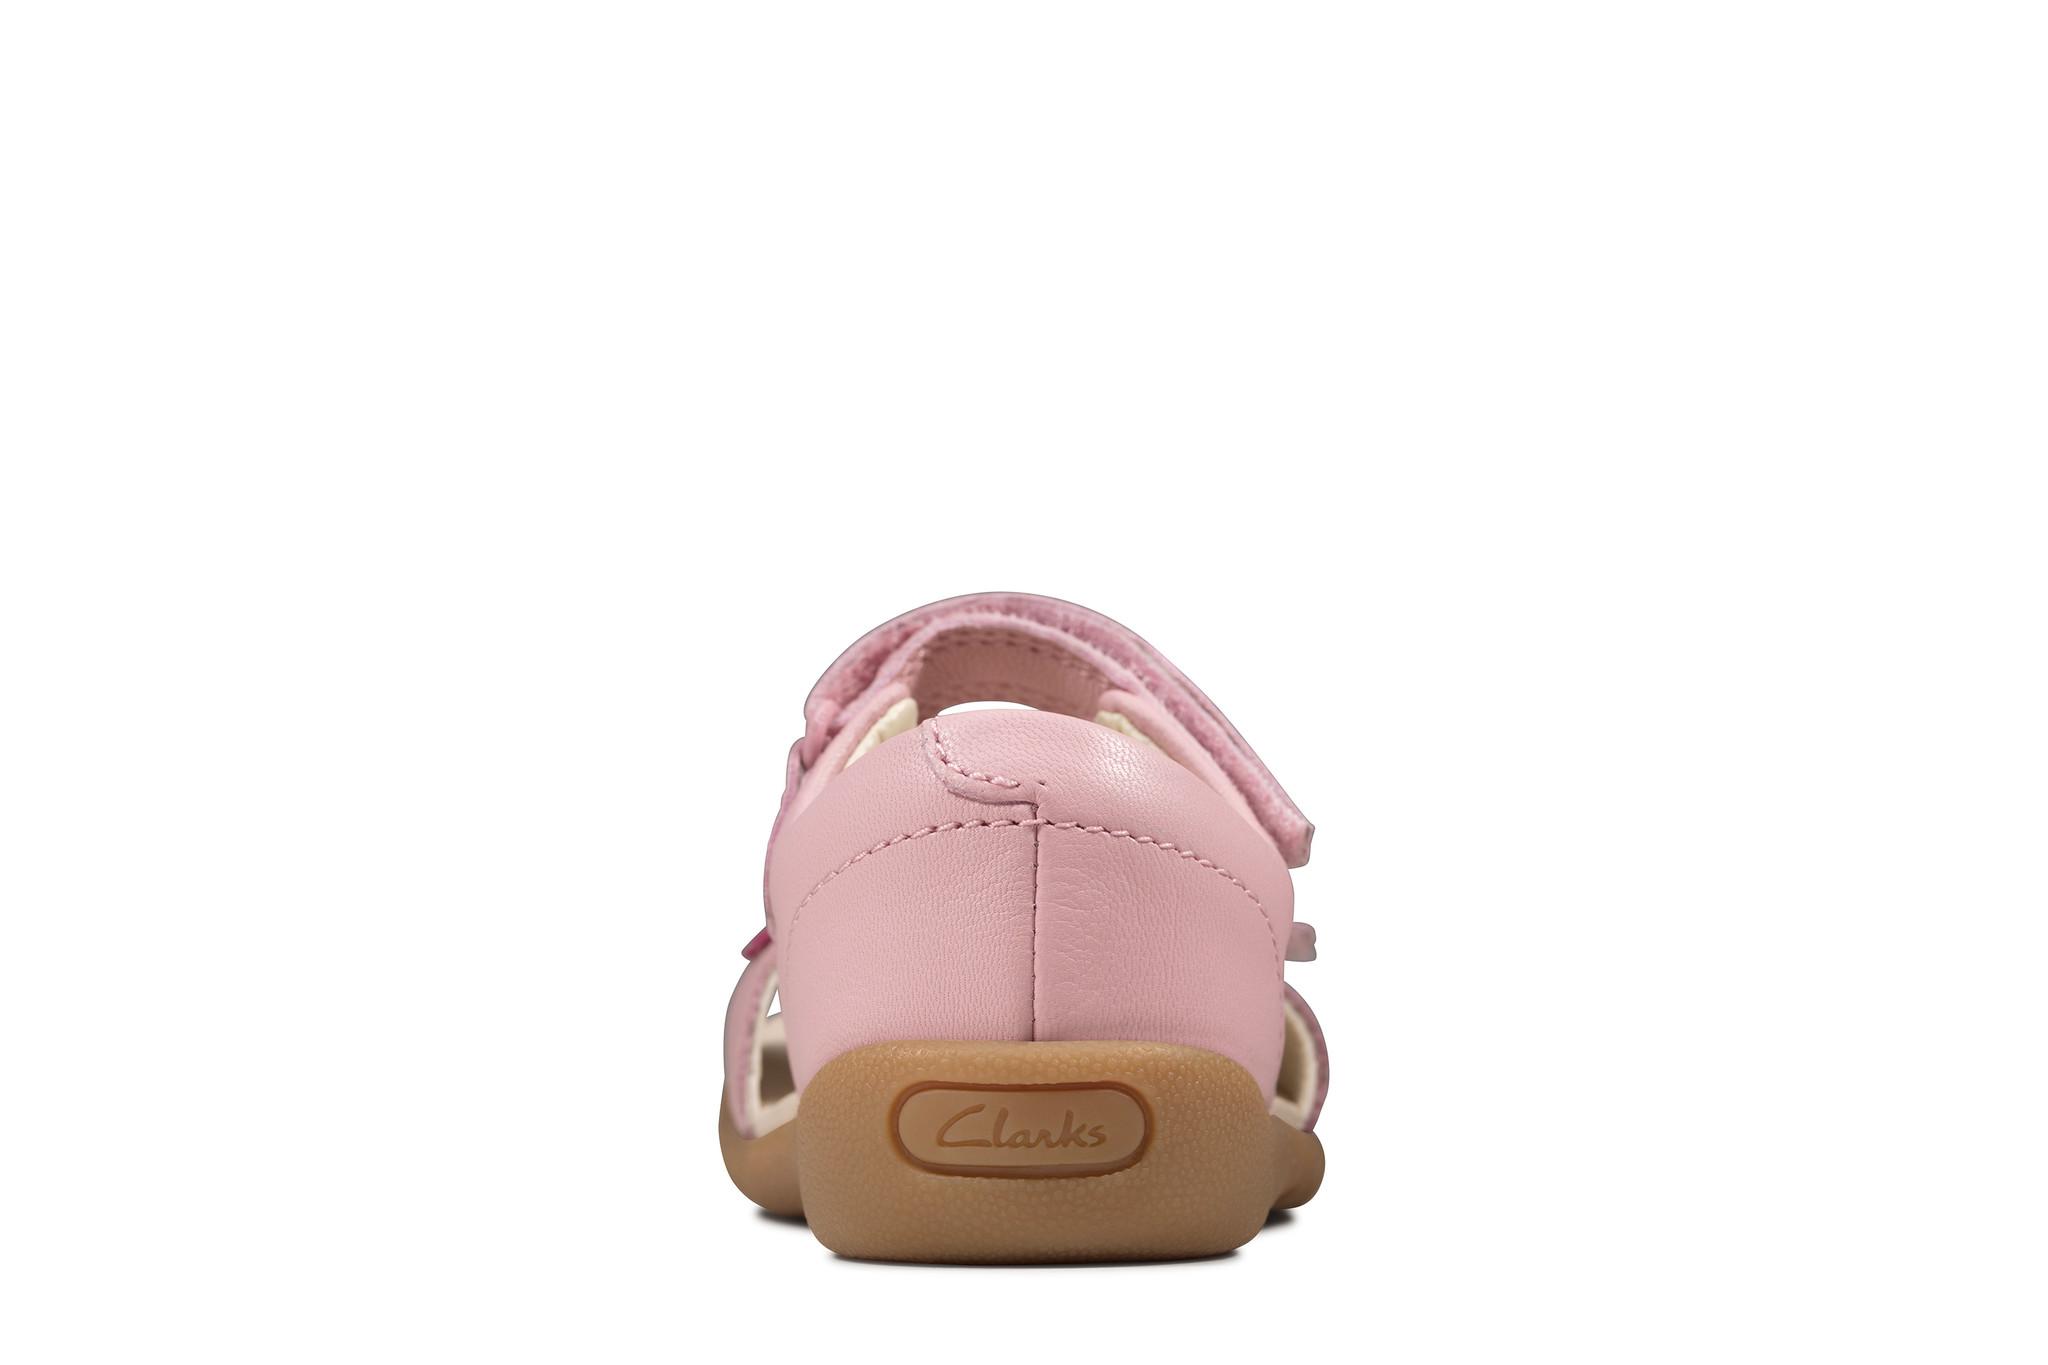 Clarks Zora Finch Pink